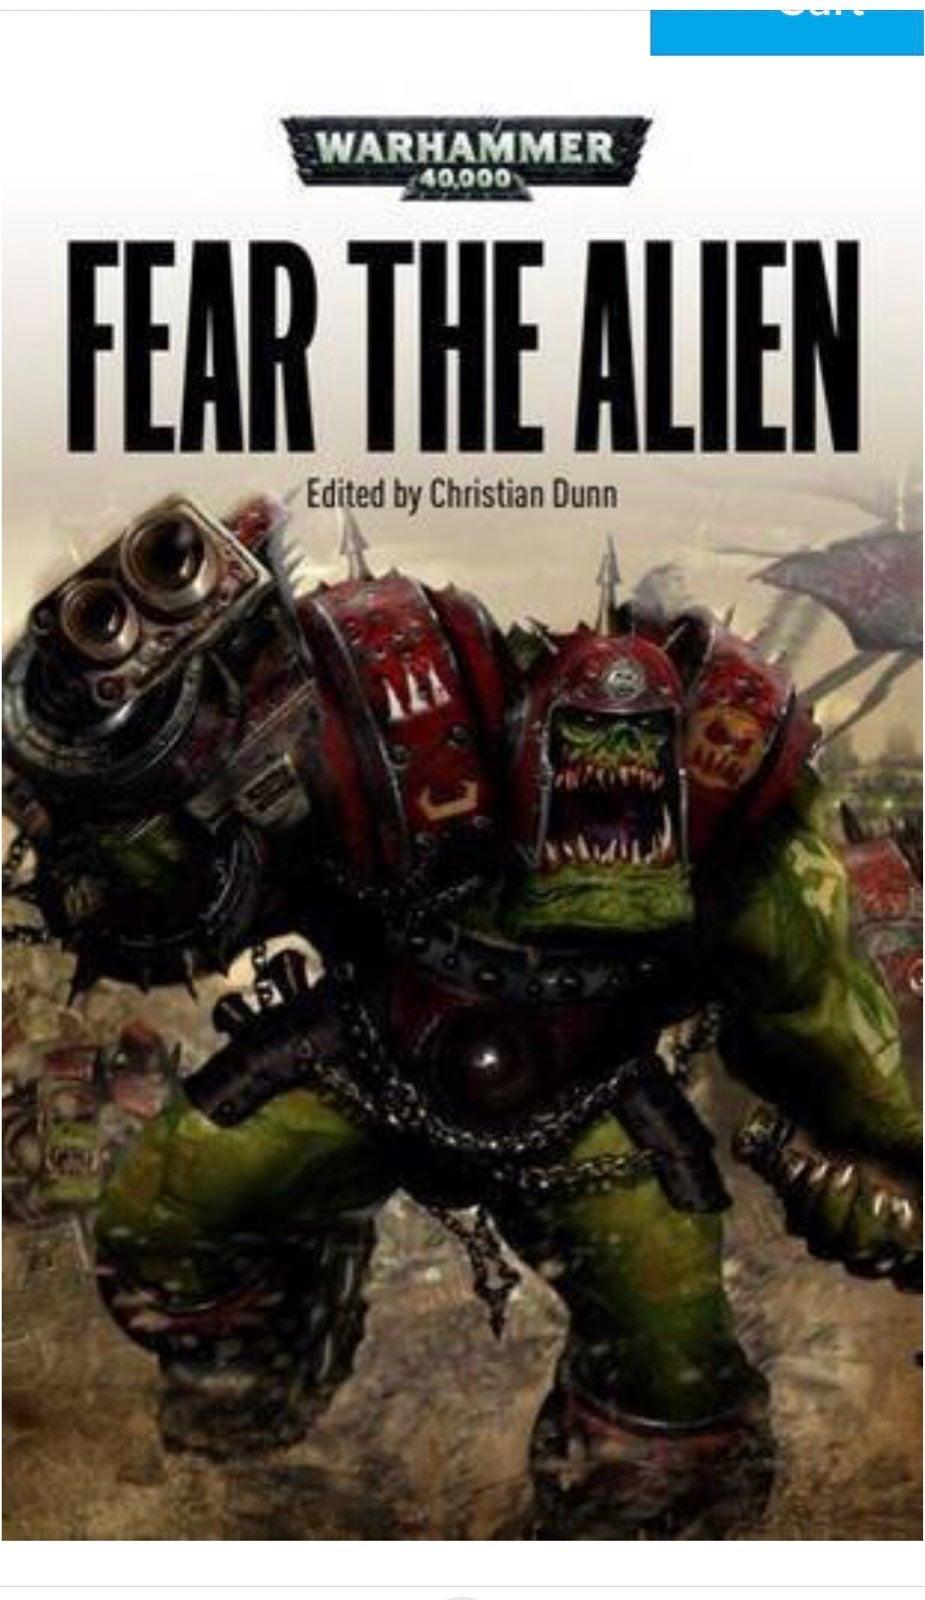 Fear the Alien by Christian Dunn, Warhammer 40,000 book